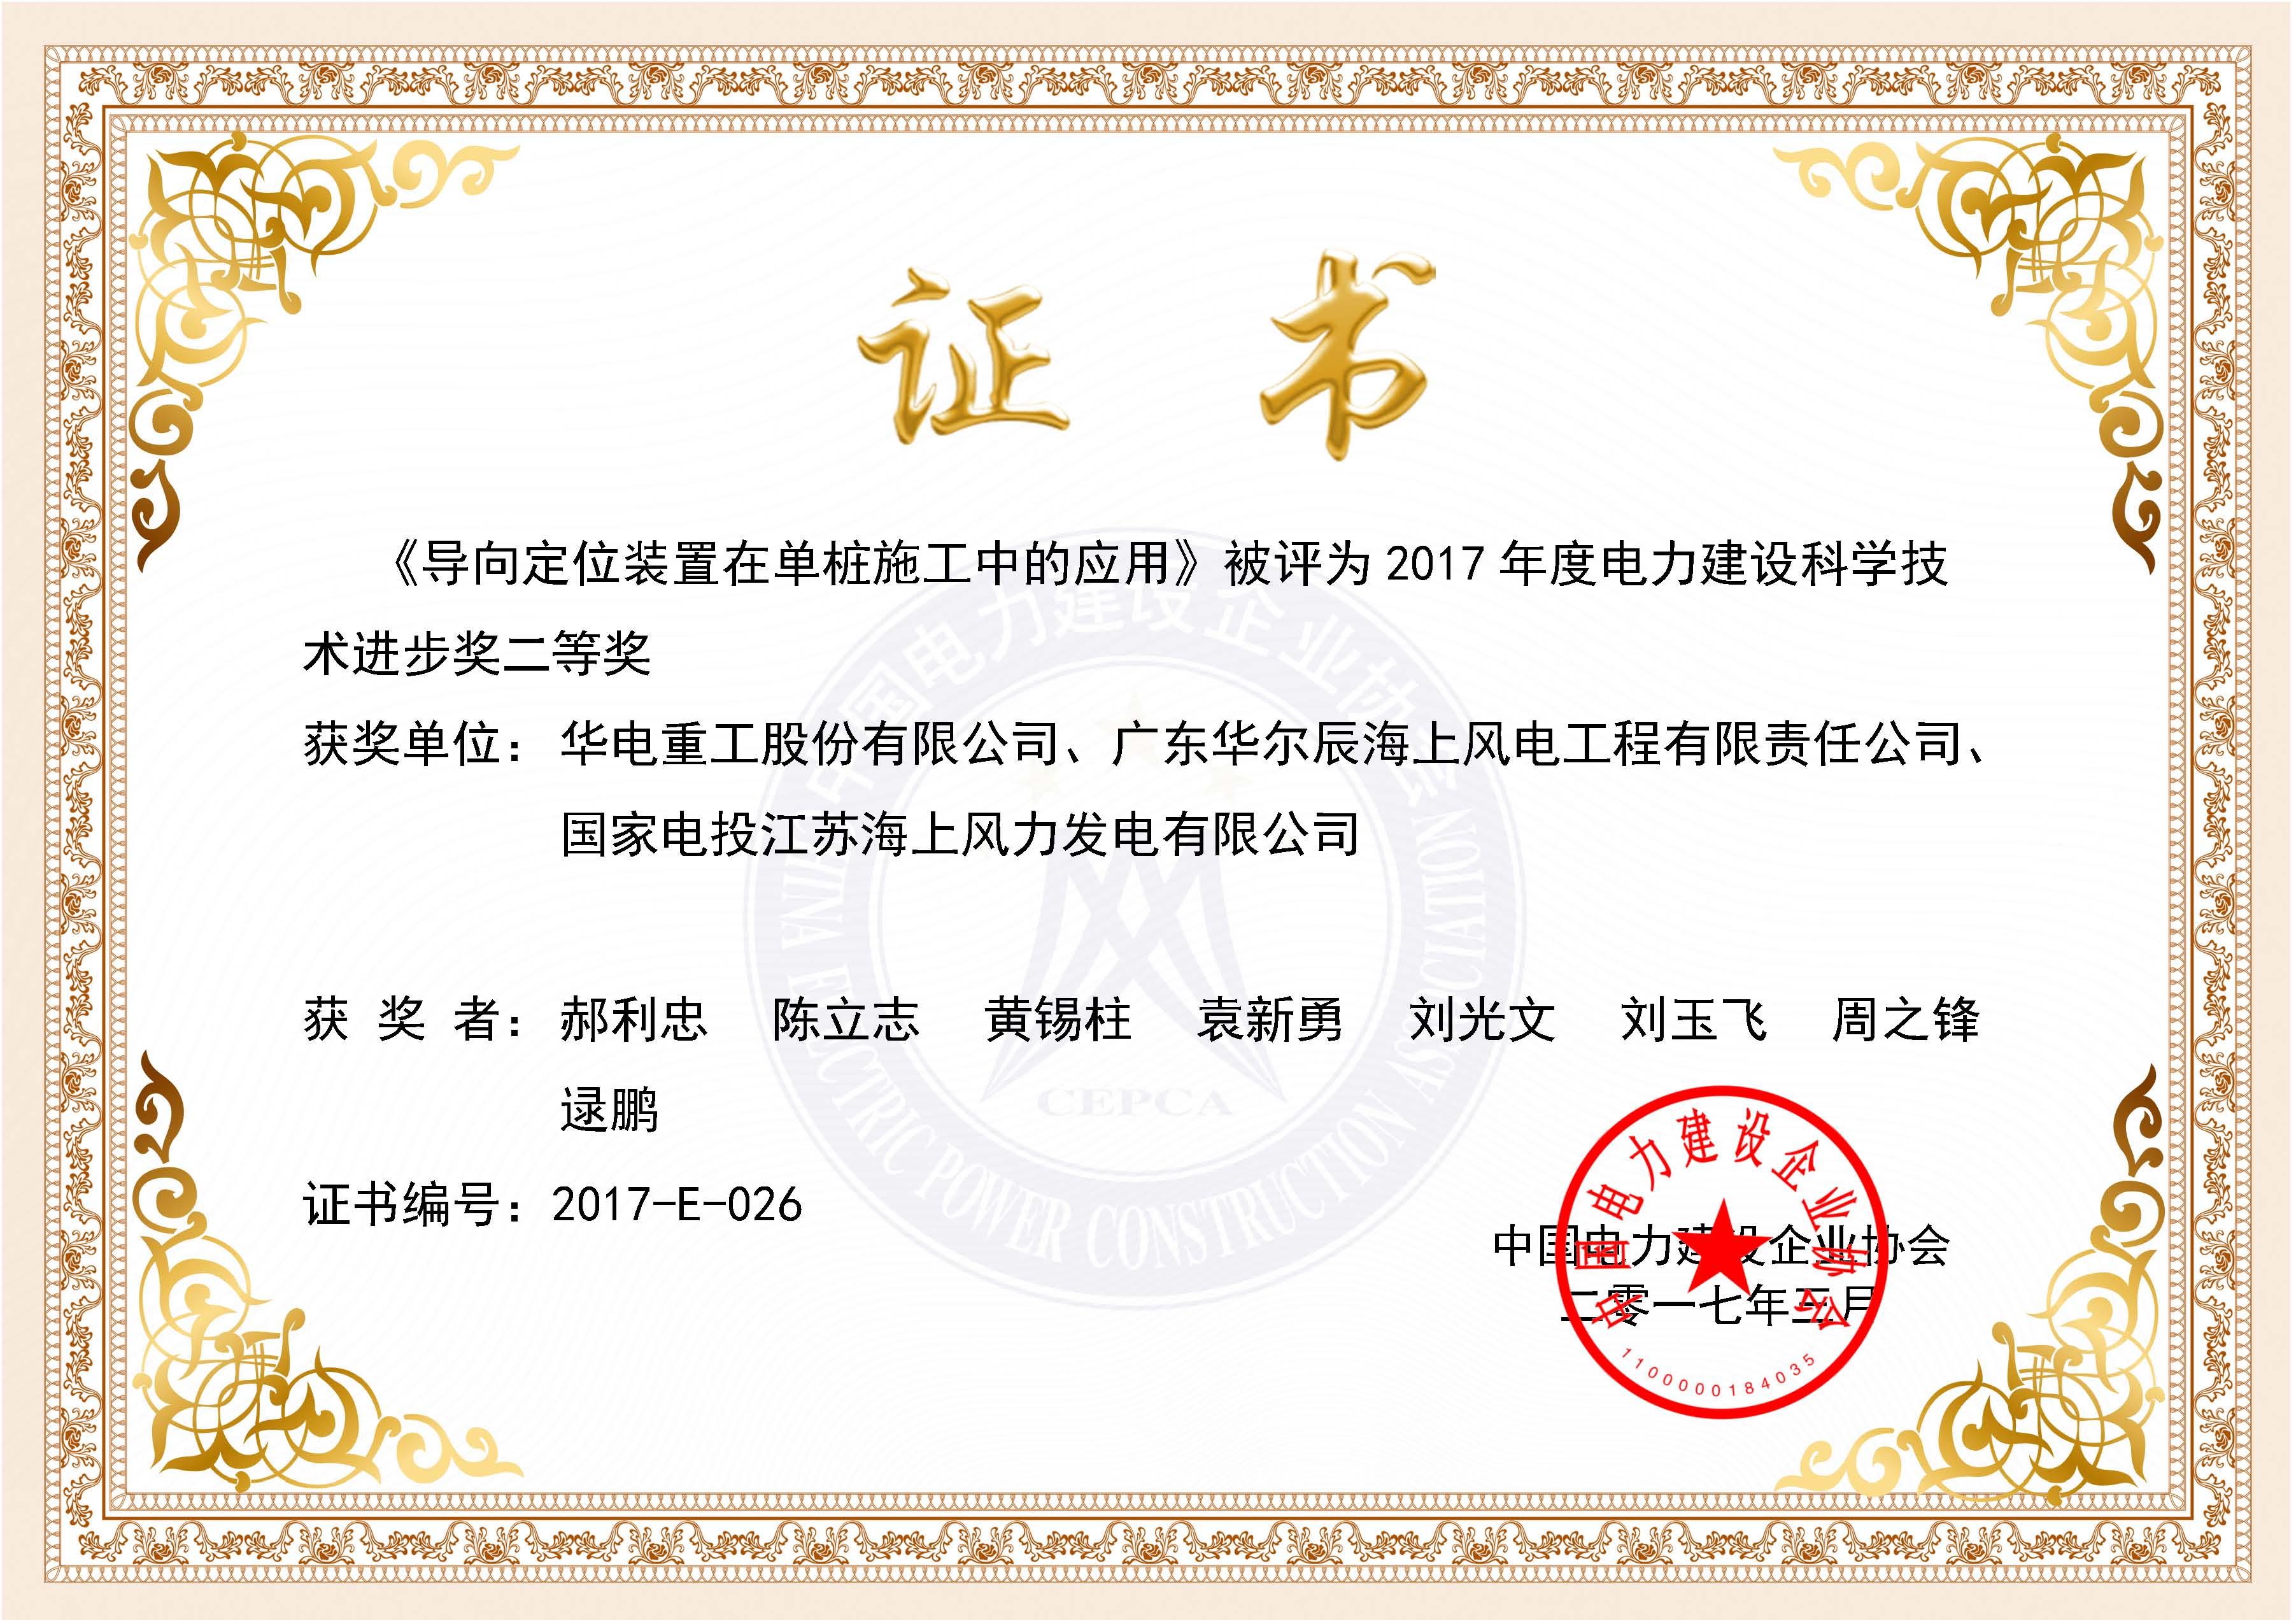 电力建设科学技术奖